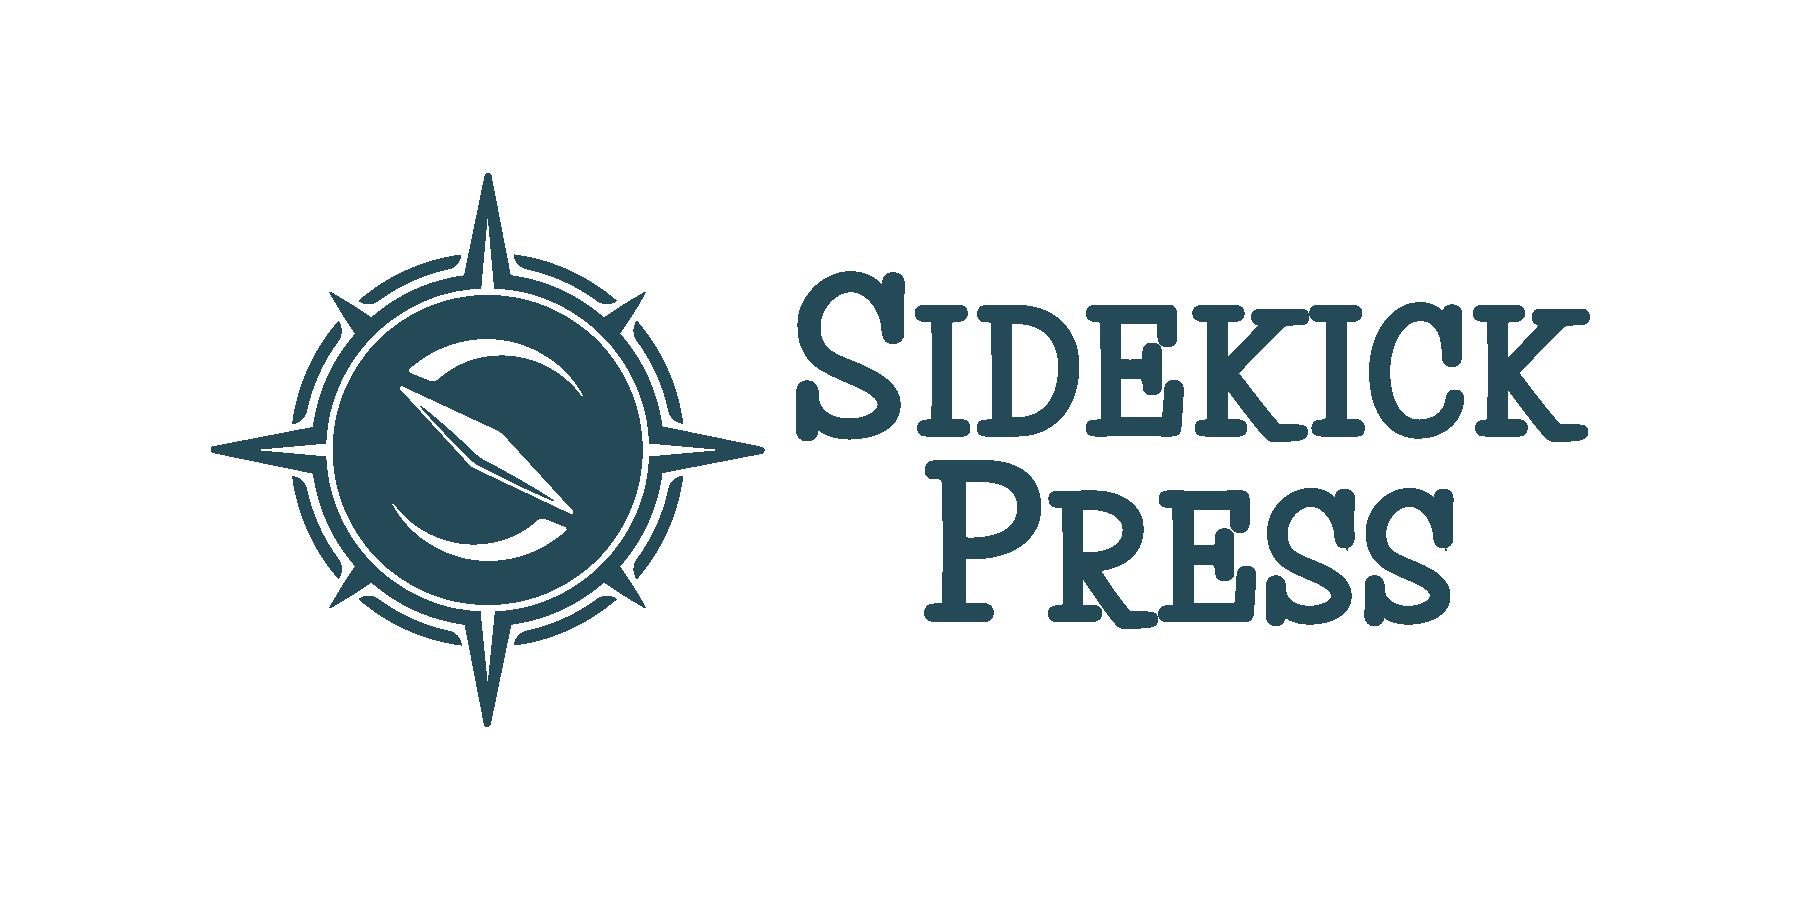 Sidekick Press